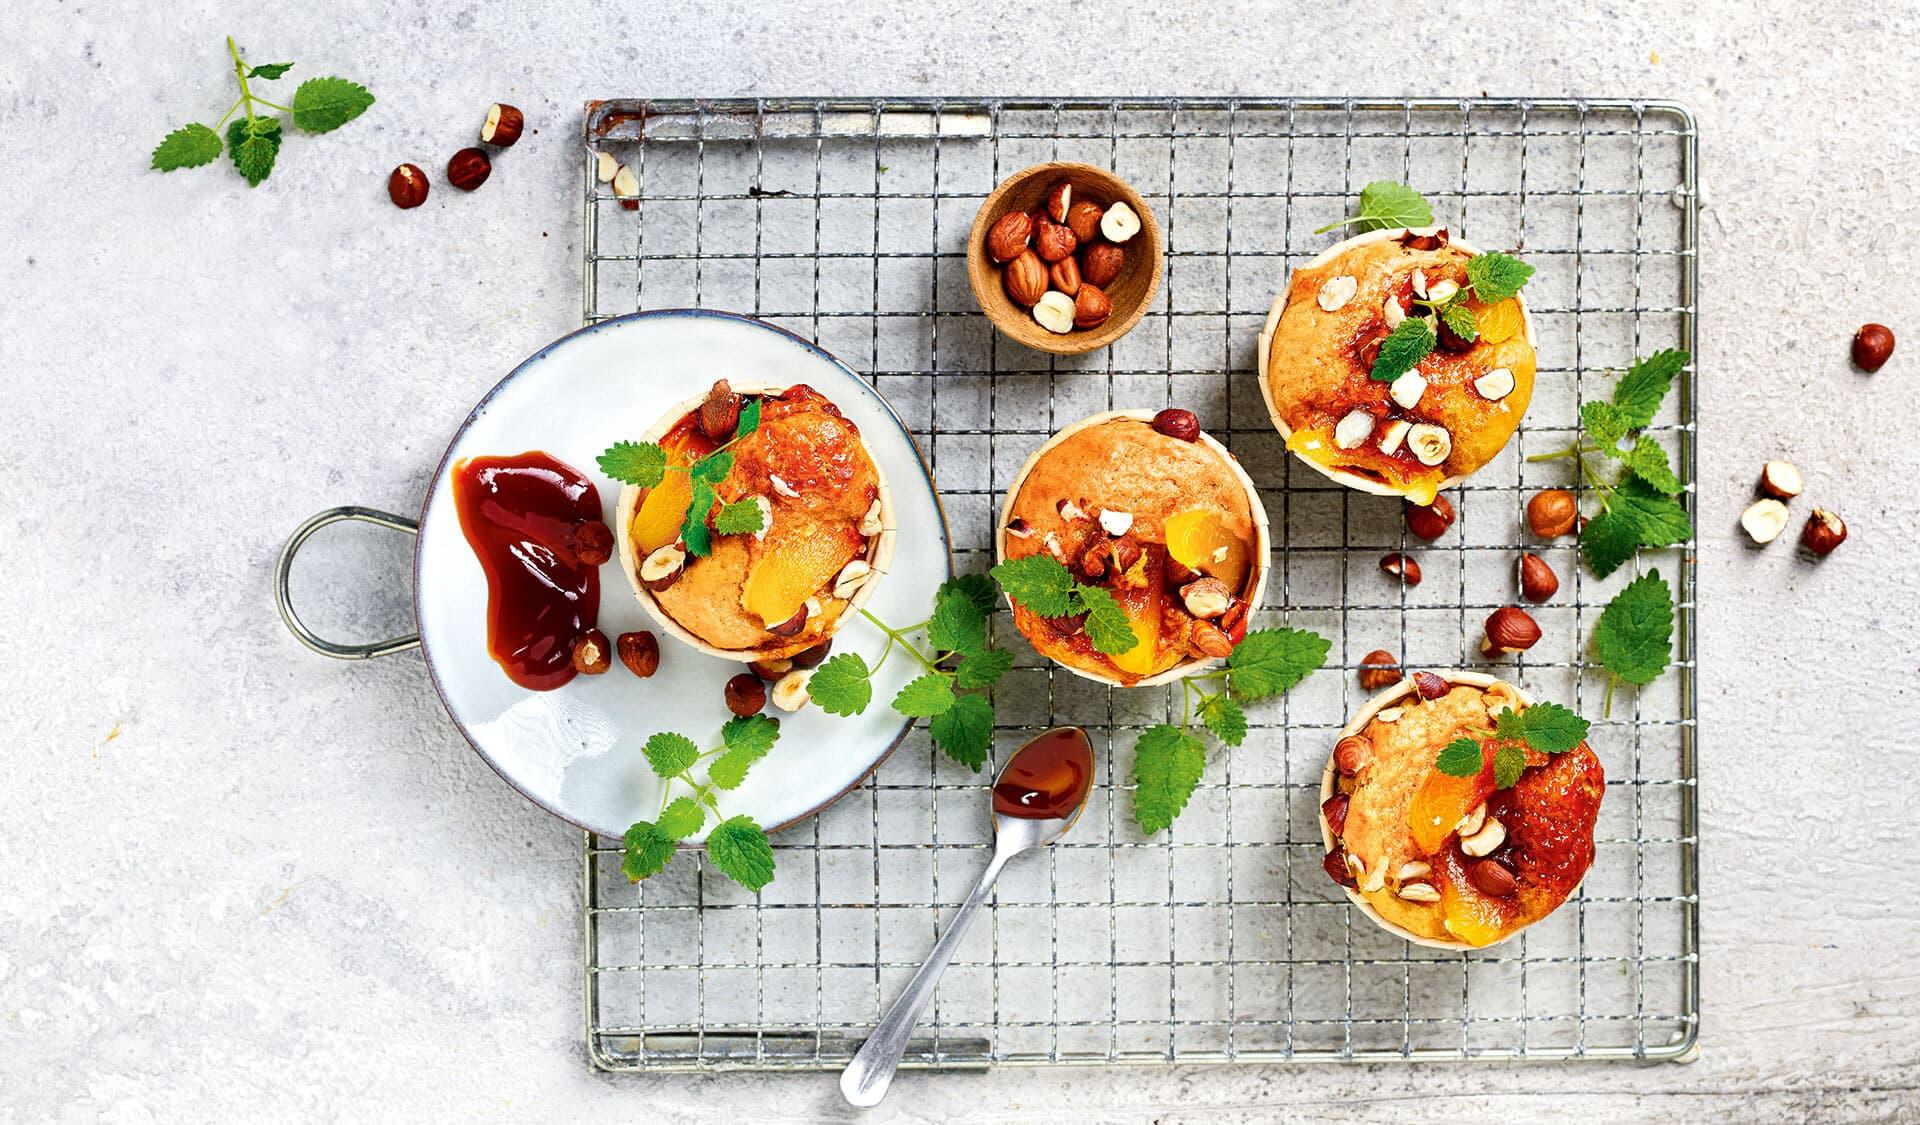 Muffins auf einem Kuchengitter mit Zitronenmelisseblättchen dekoriert